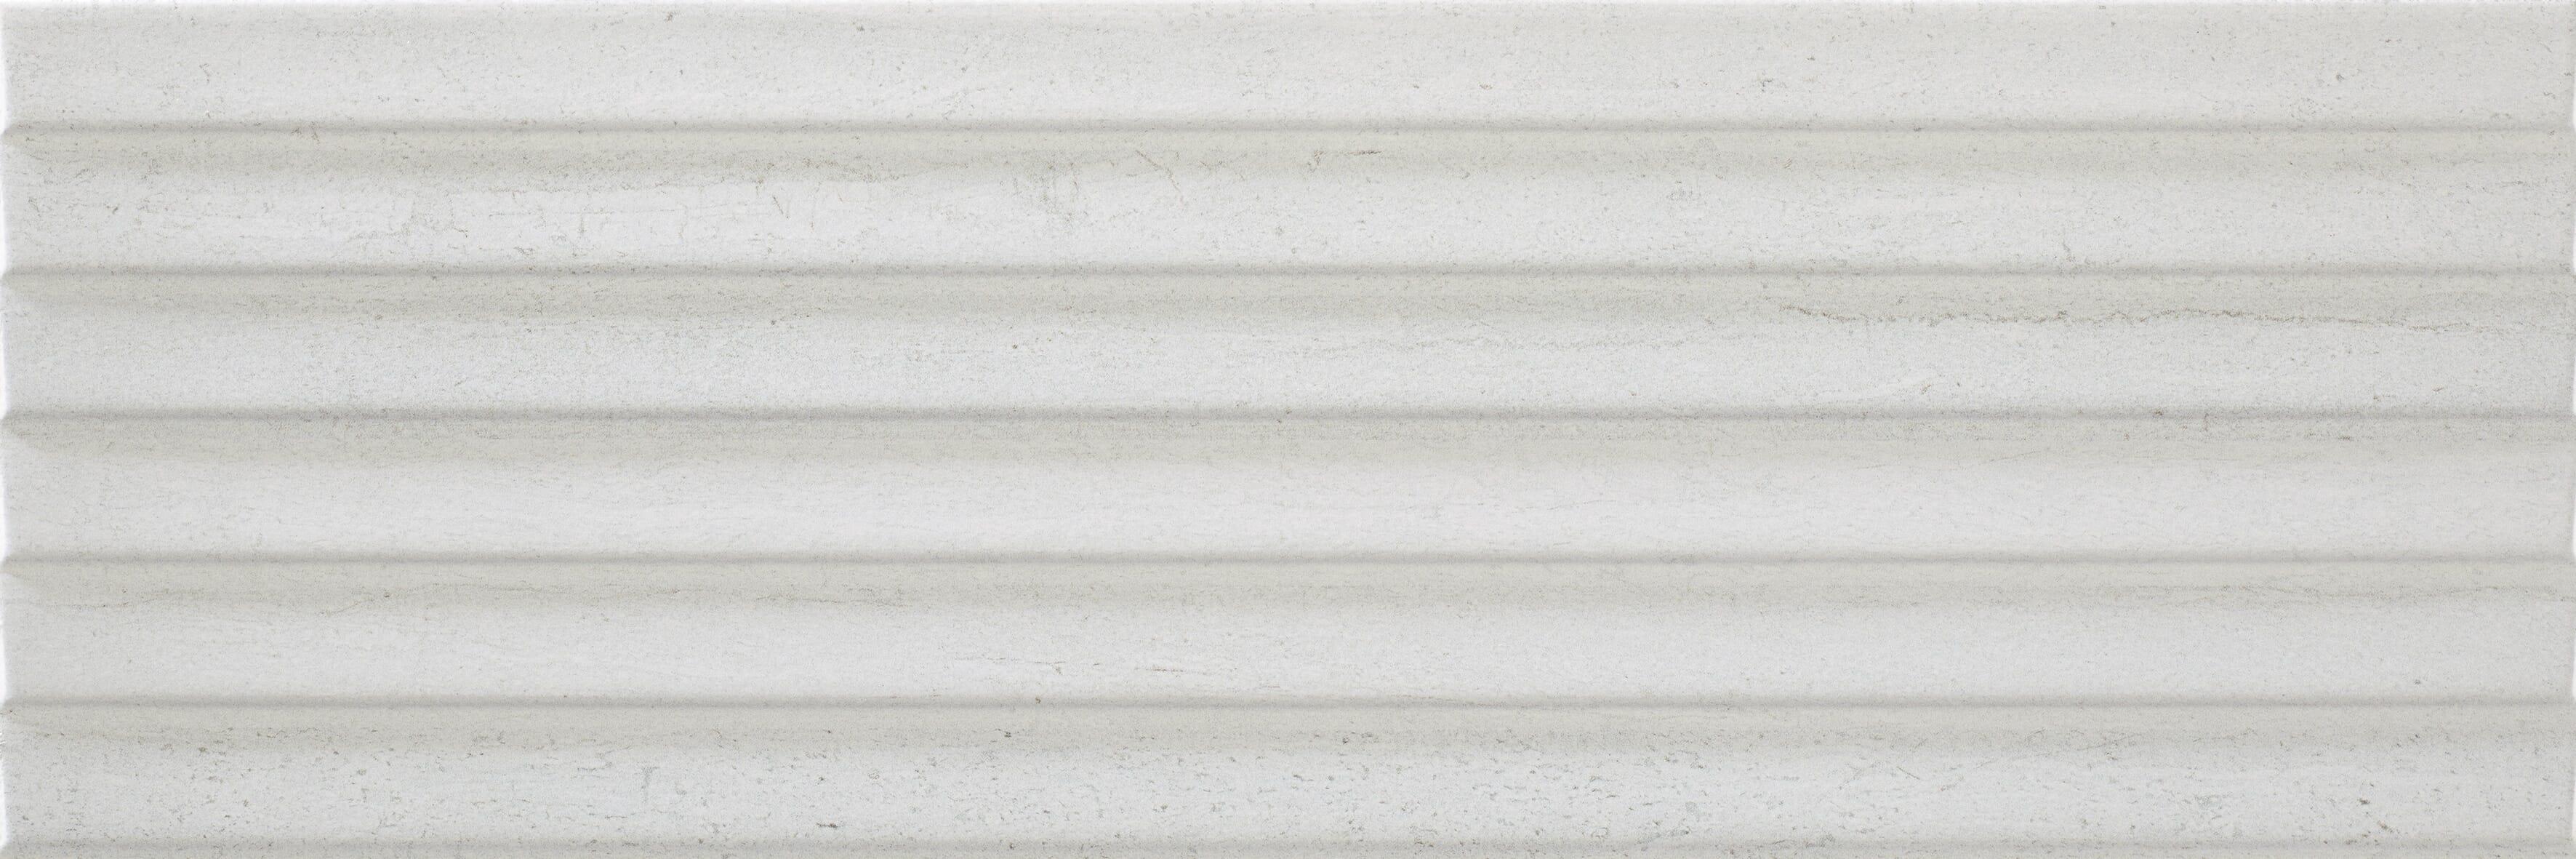 White Plain